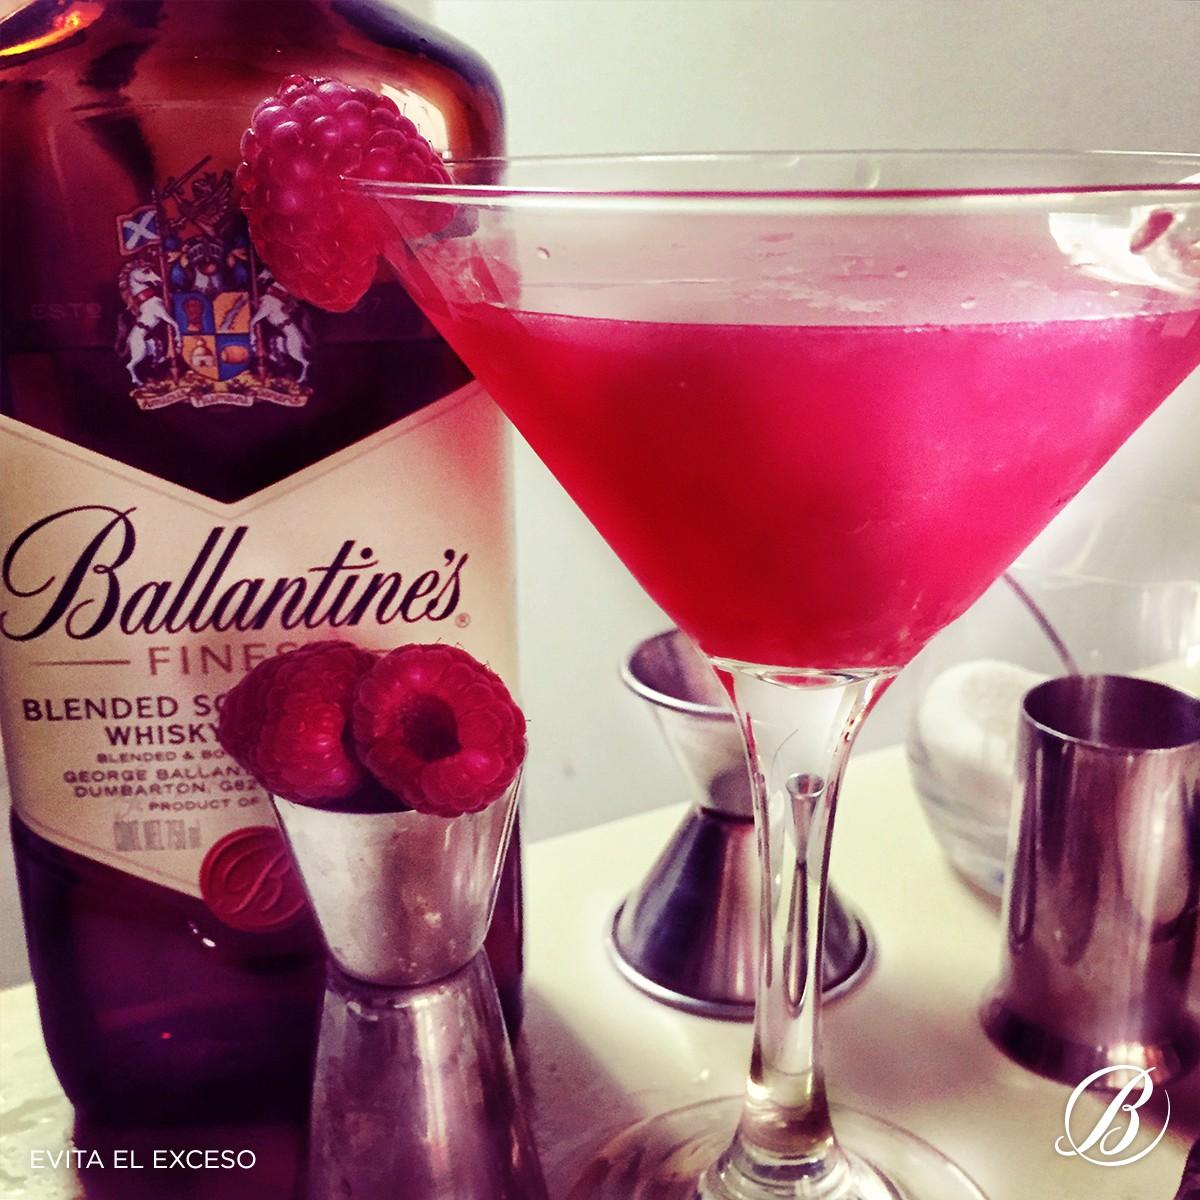 Ballantine's transforma las expectativas del 14 de febrero y lo convierte en San Ballantine's